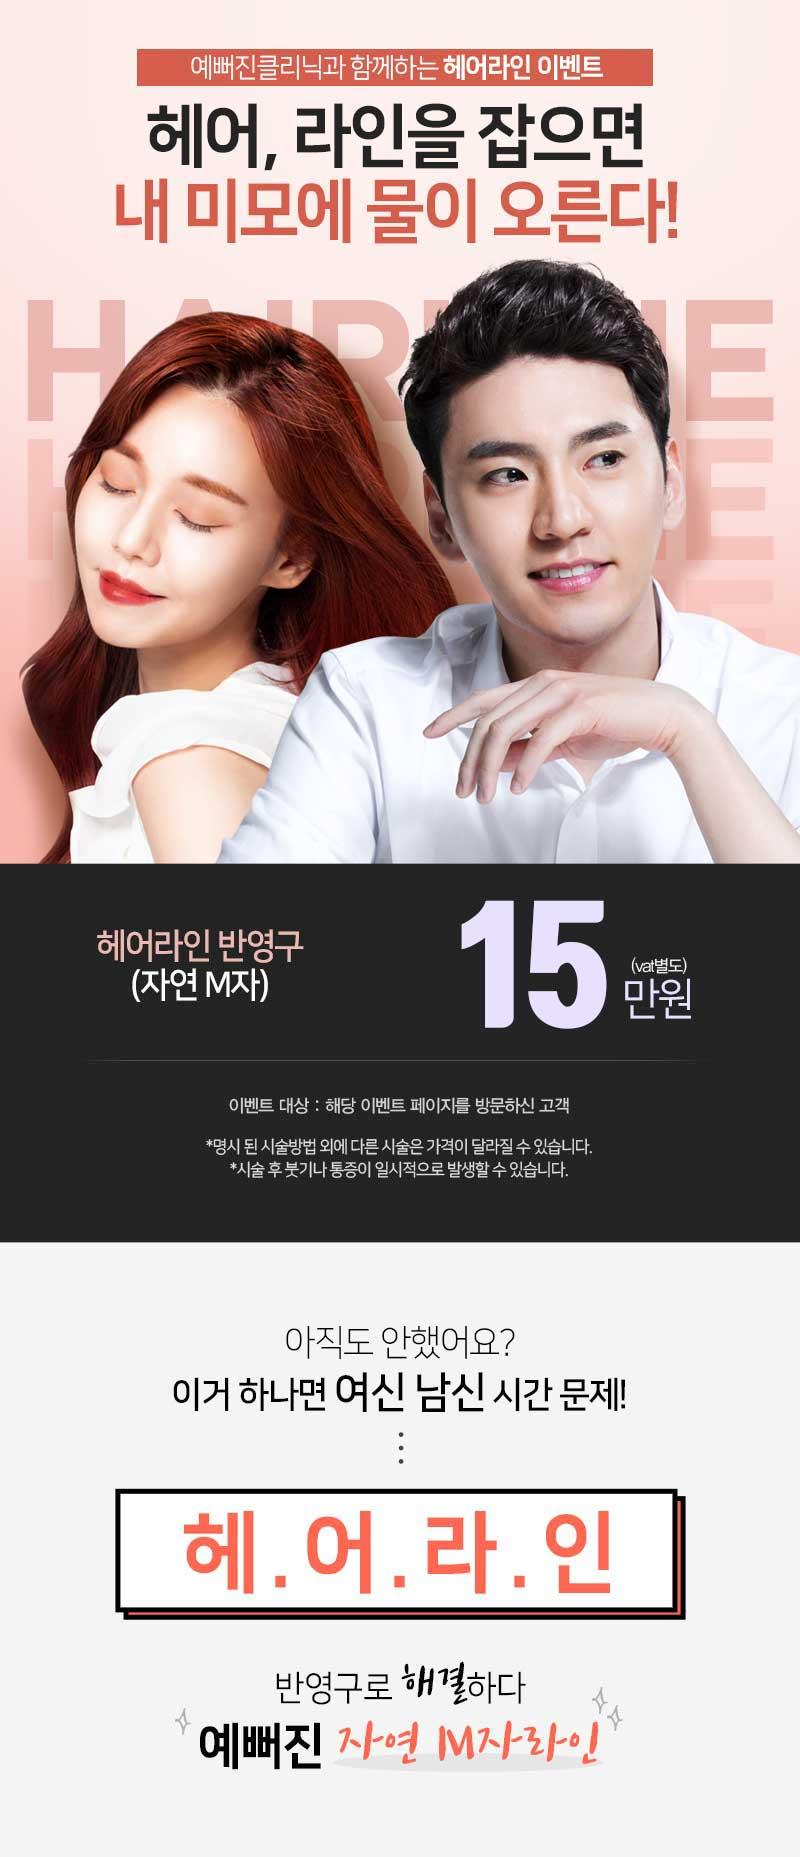 [오직똑닥] ♥♥남여 M자헤어 파격 초특가 15만원♥♥